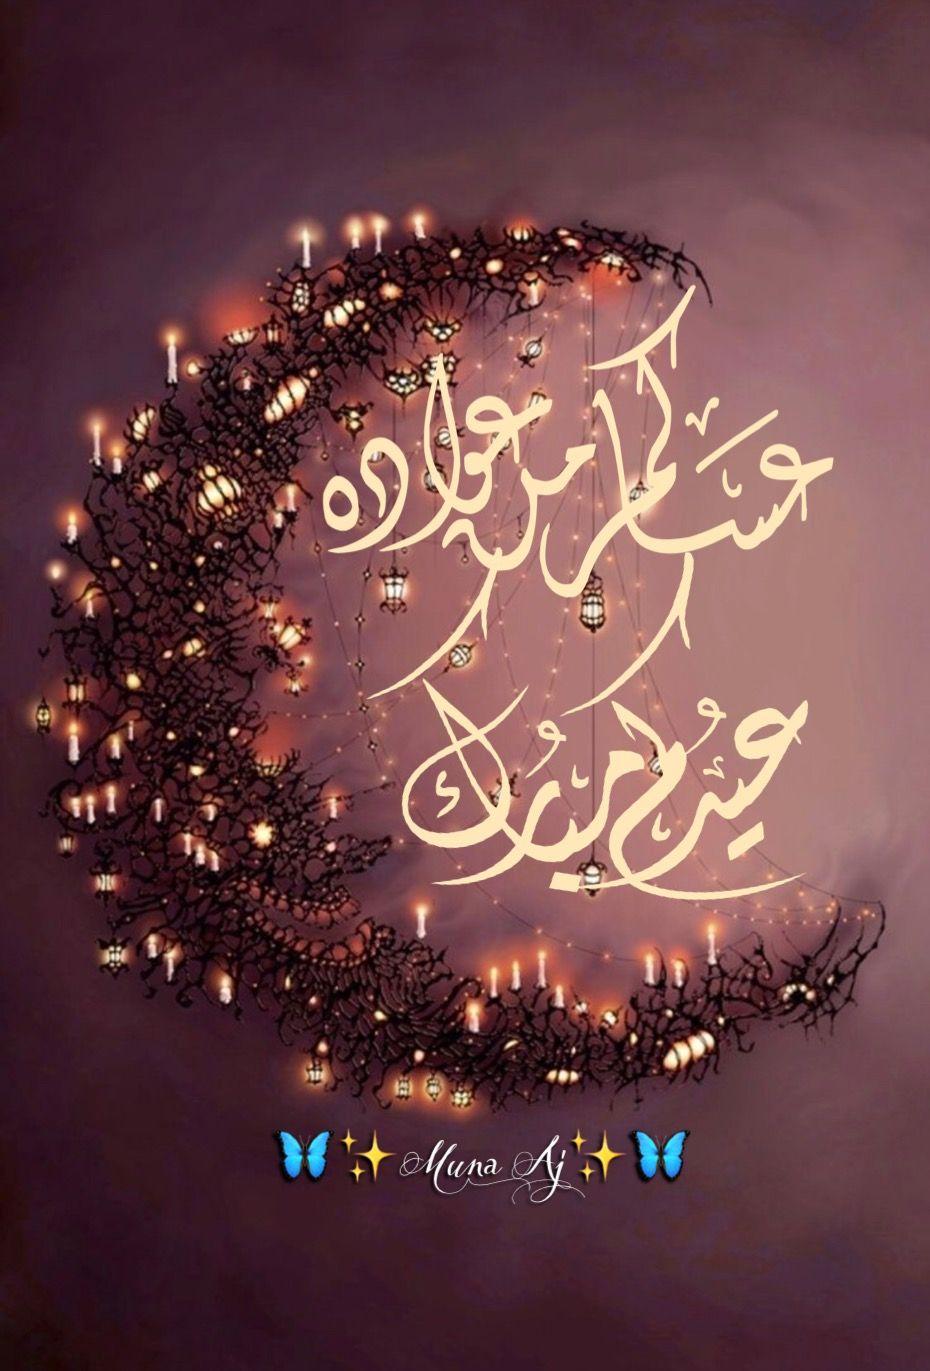 Bonsoir Sonia Je Te Souhaite Un Excellente Fete De L Aid A Toi Et A Tout Ta Famille Inch Allah Eid Greetings Eid Images Eid Cards